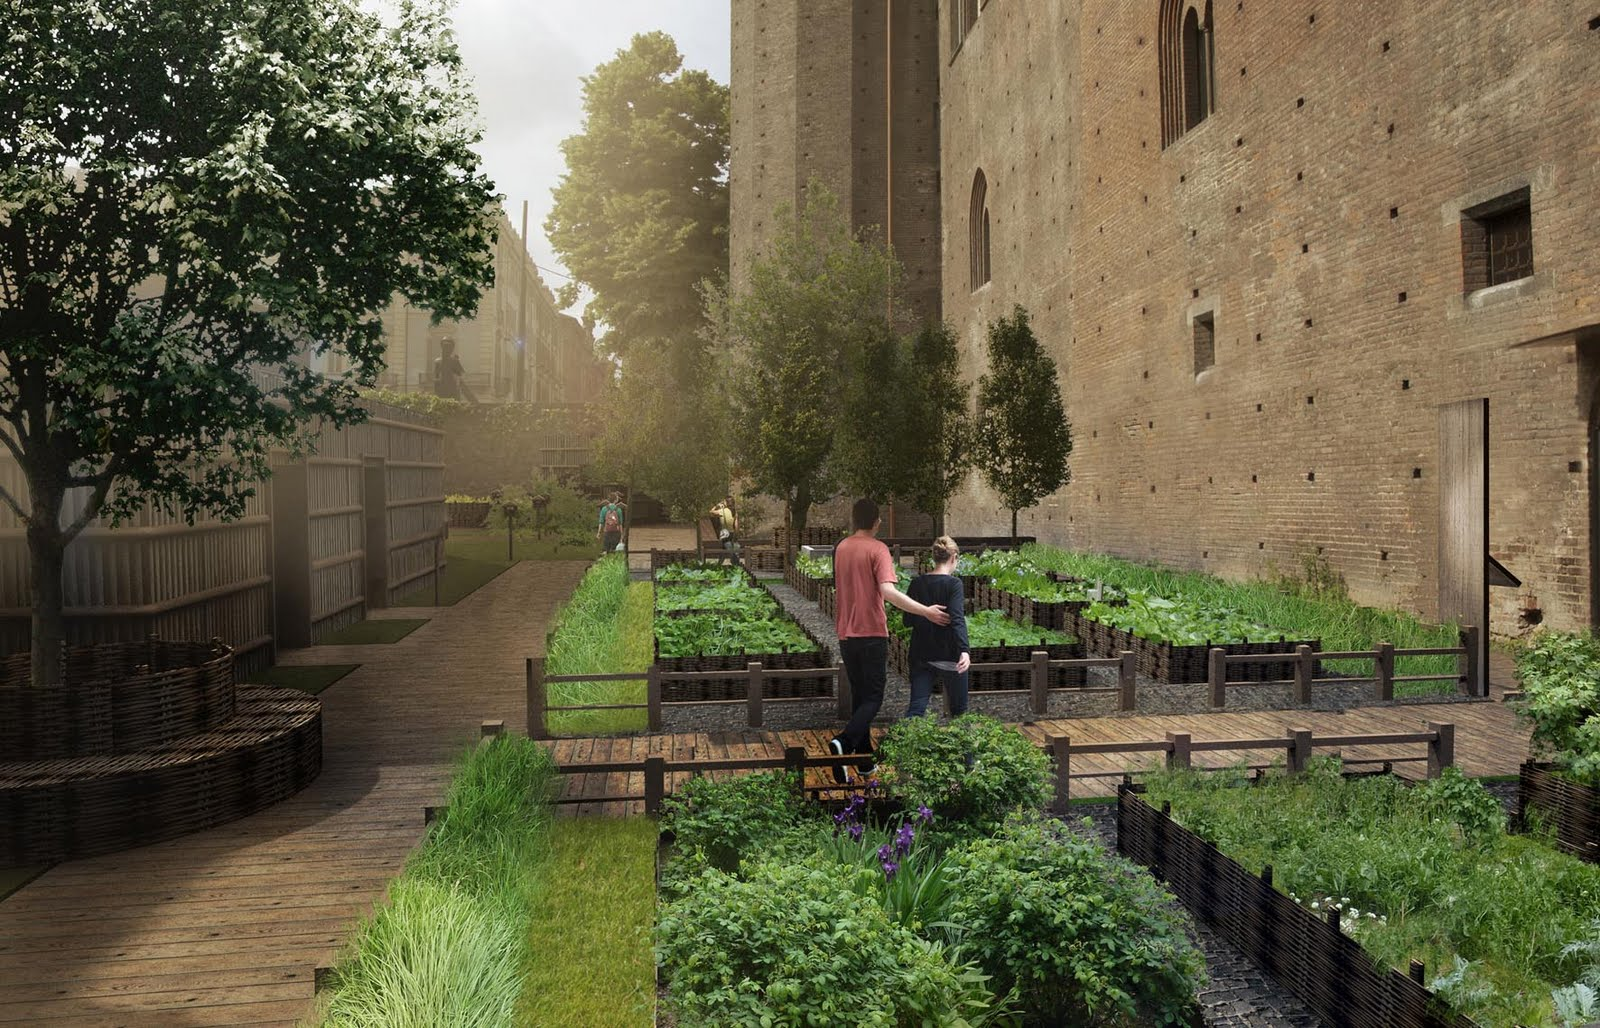 Il giardino di palazzo madama come nato il progetto - Progetto di un giardino ...